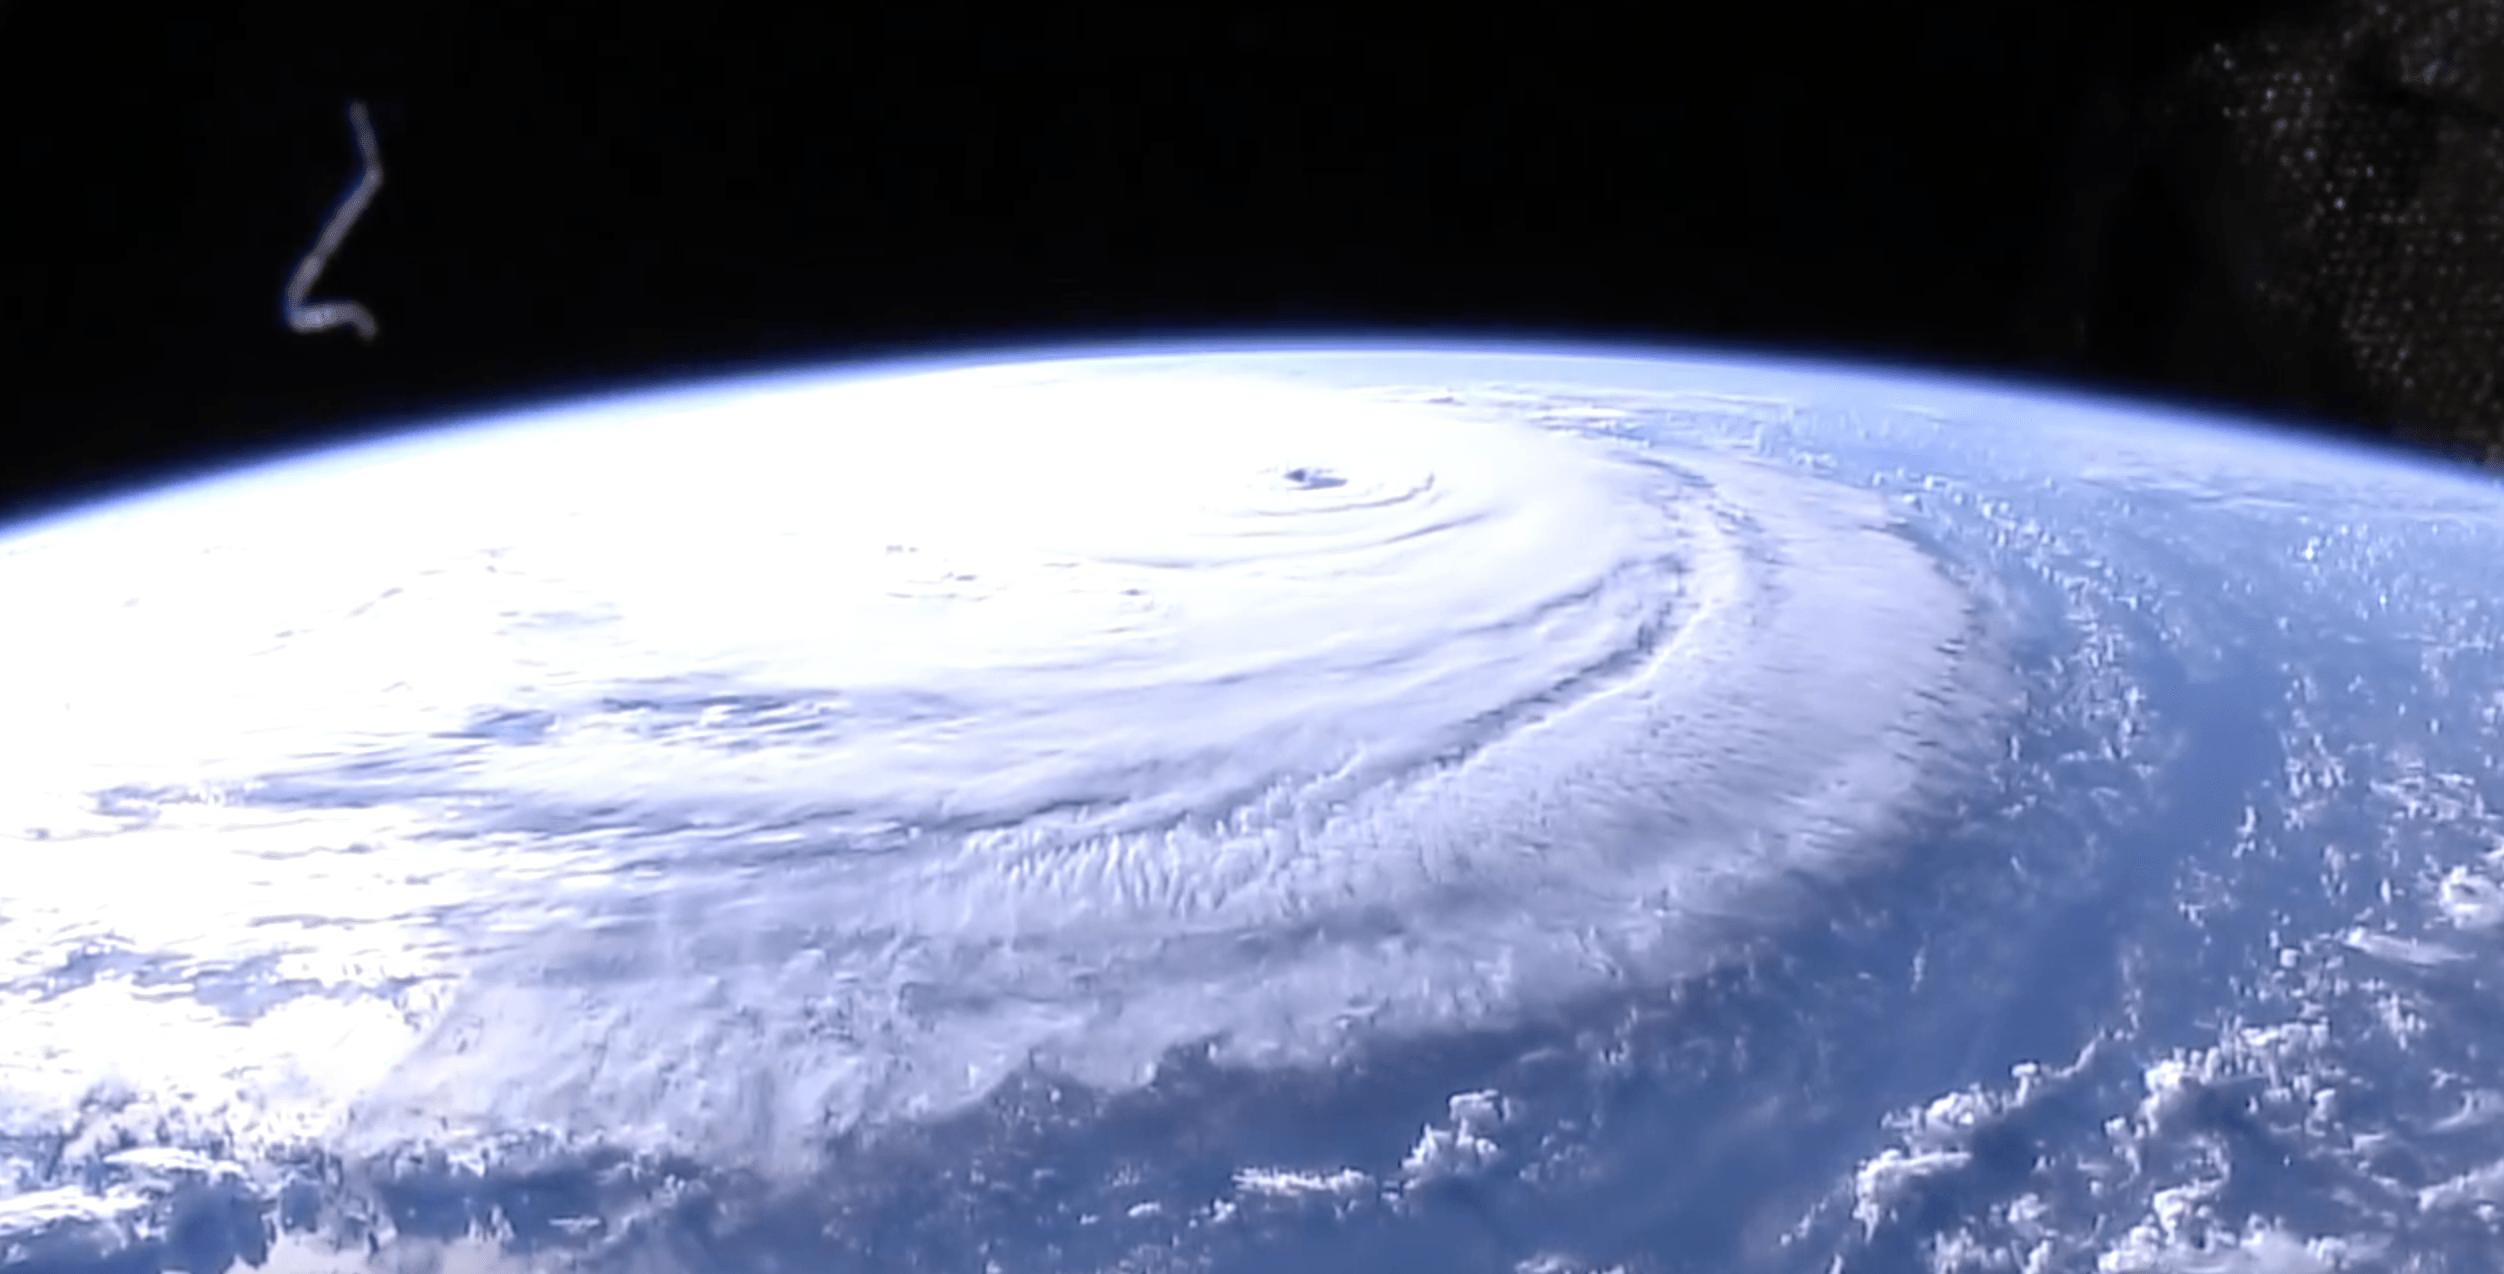 Uragano Florence: 5 cose da sapere. Dal rischio per le centrali nucleari alle fake news sugli squali volanti